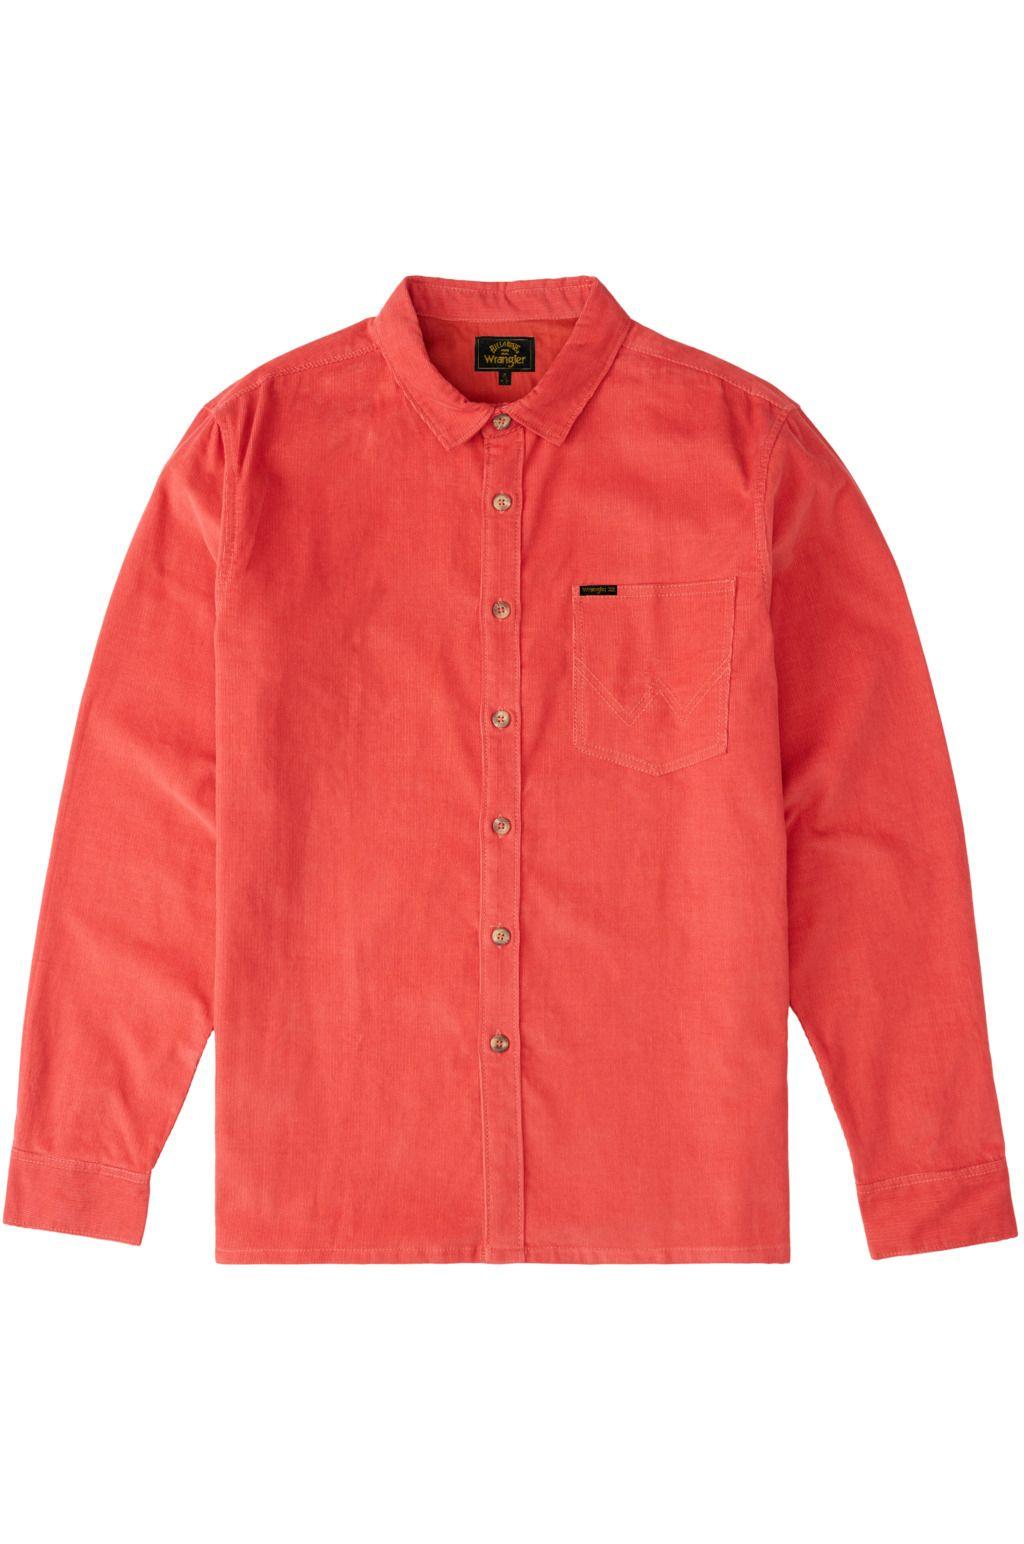 Billabong Shirt BOWIE CORD LS WRANGLER. Crimson